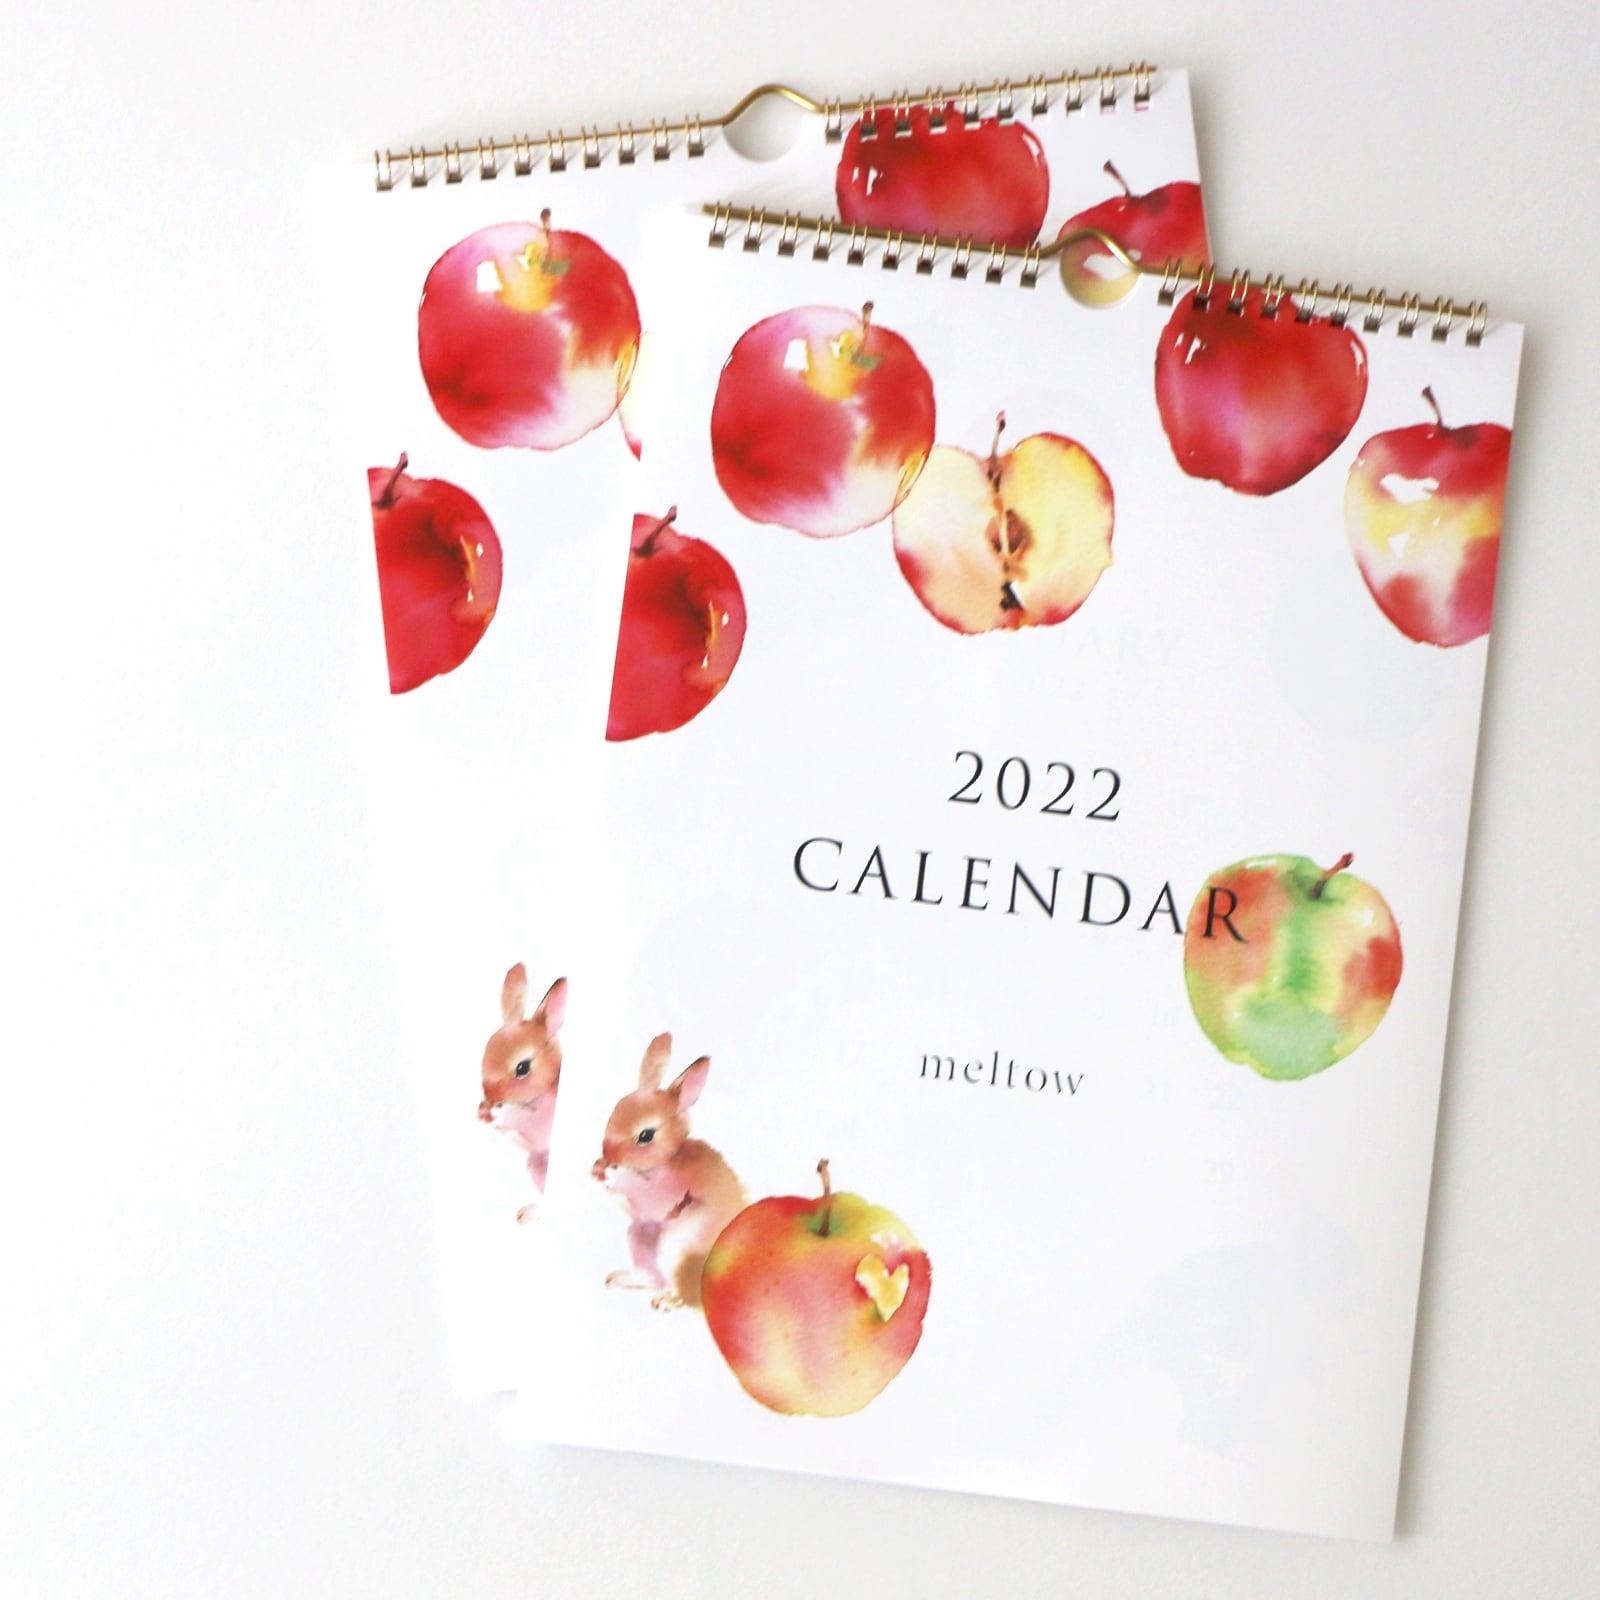 2022 A4壁掛けカレンダー【予約販売12月中旬発送】